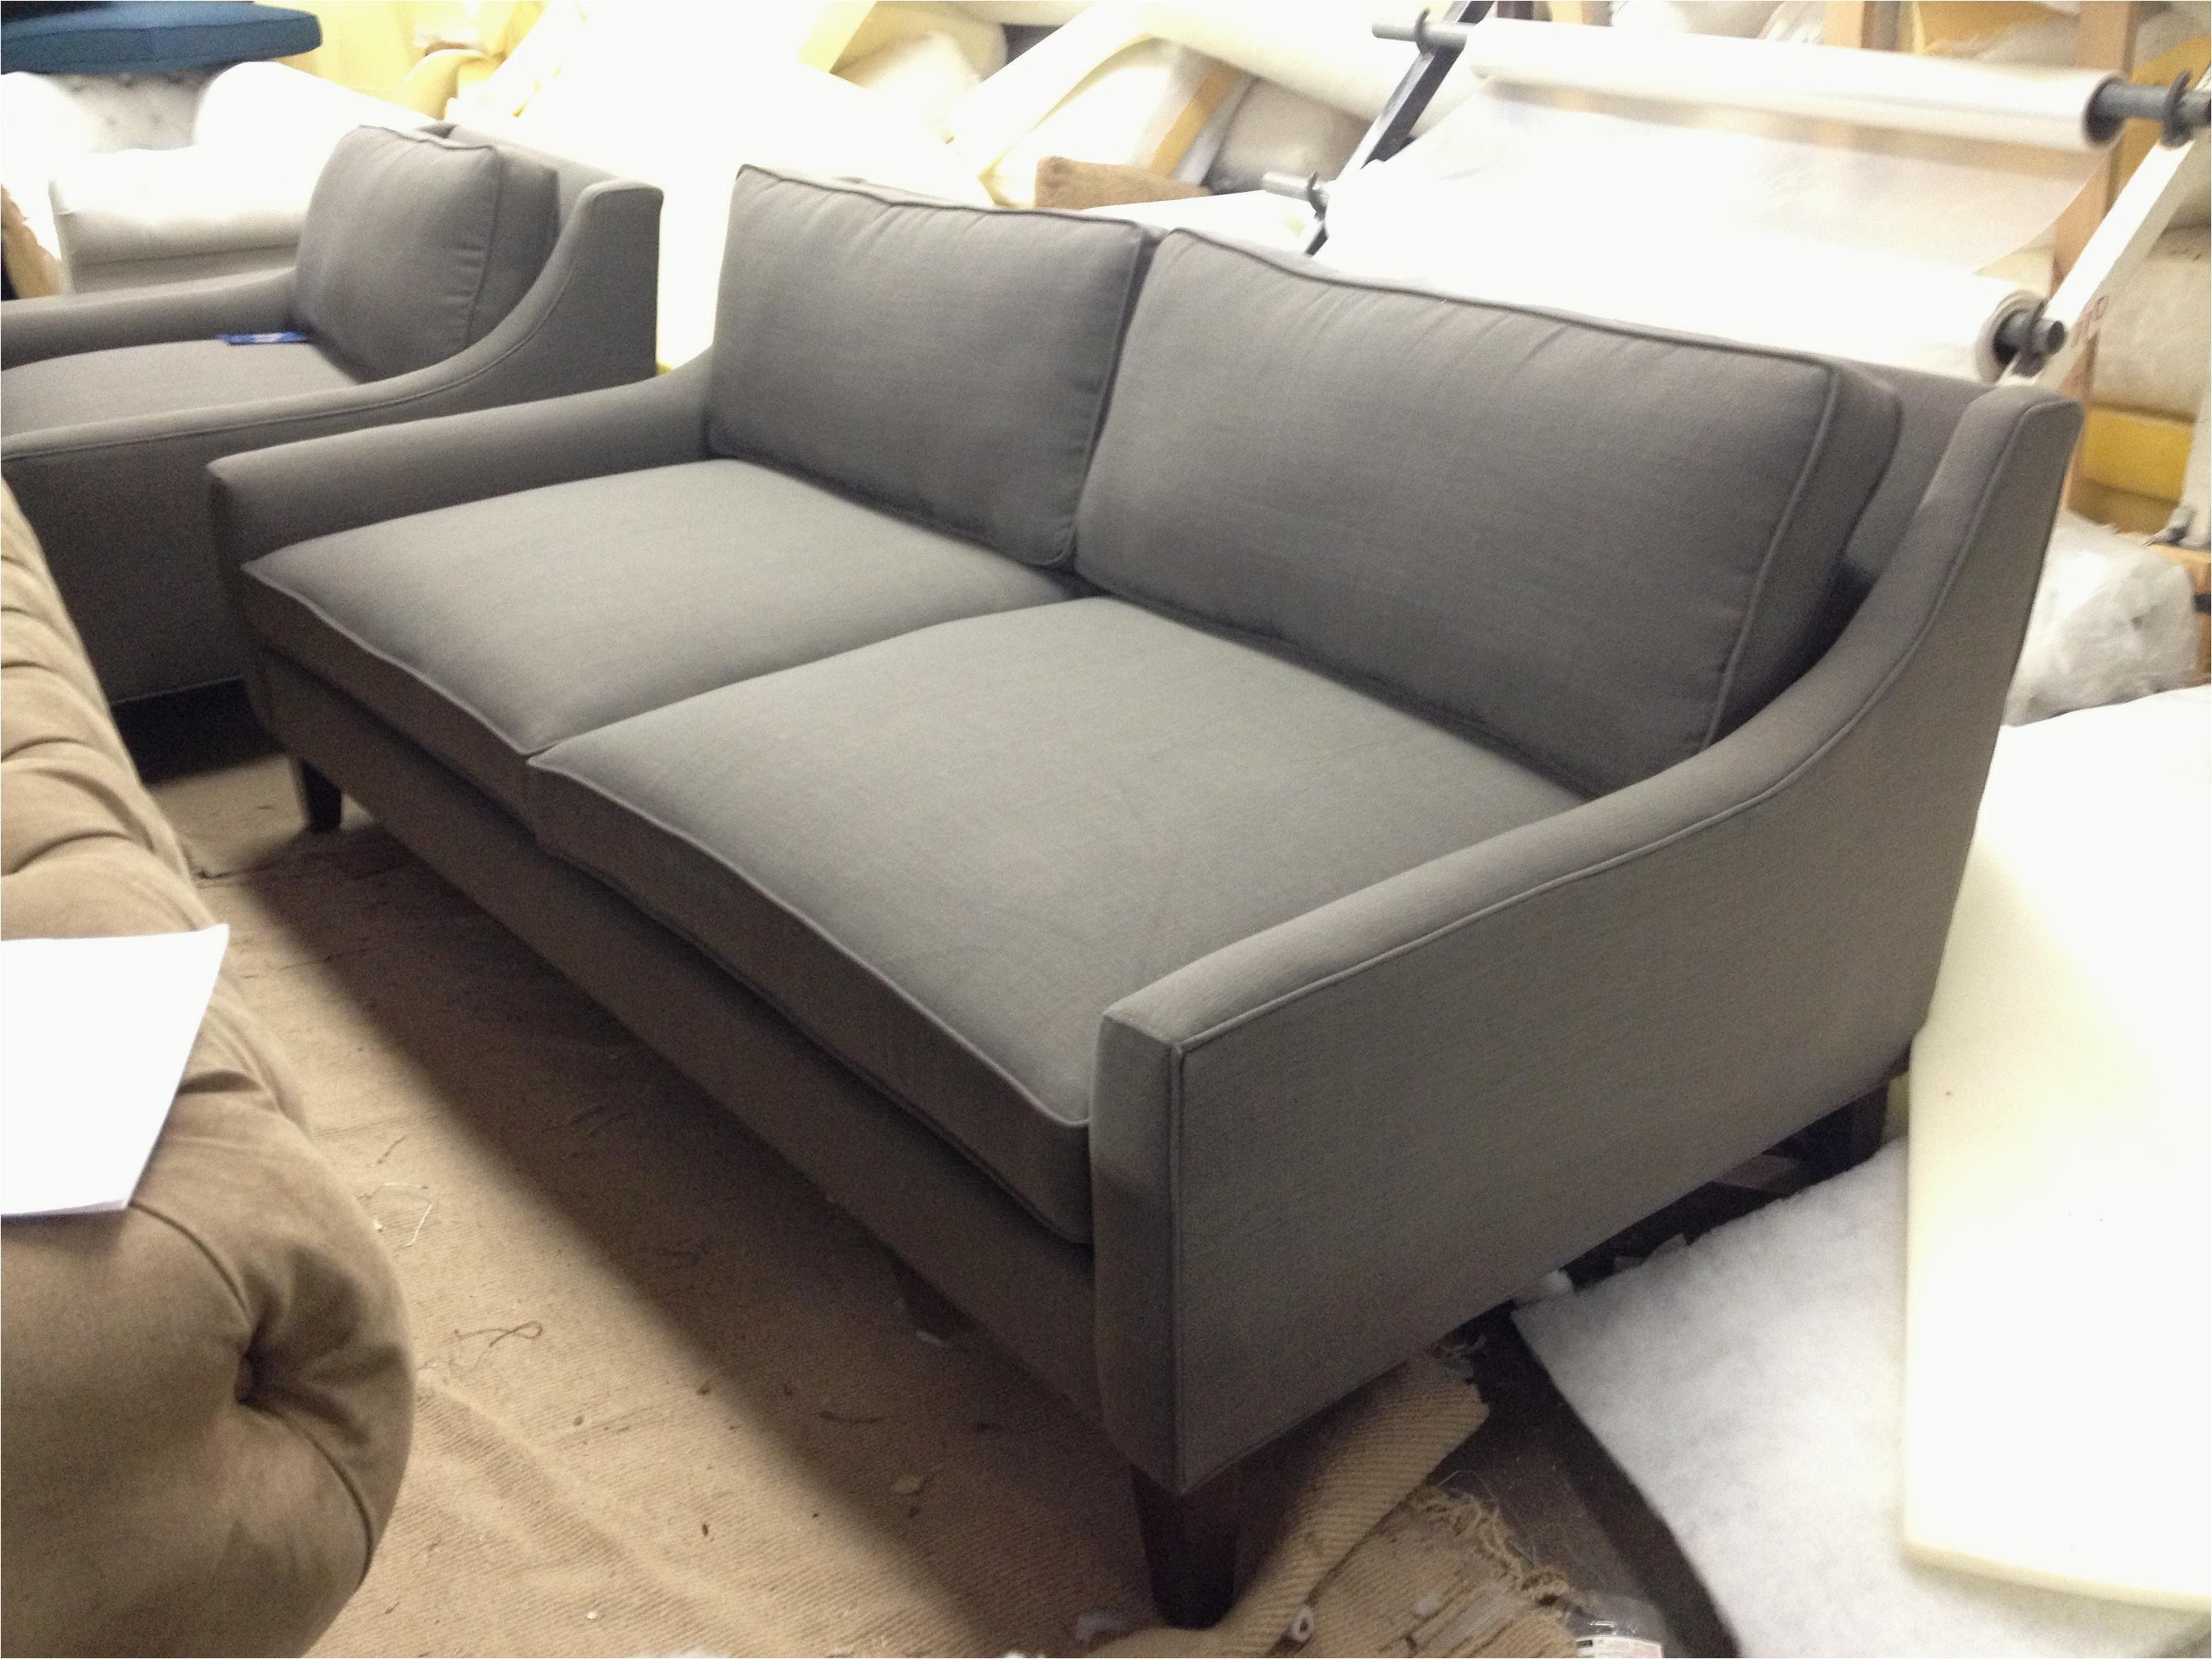 craigslist furniture for sale by owner unique used restoration hardware sofa image of craigslist furniture for